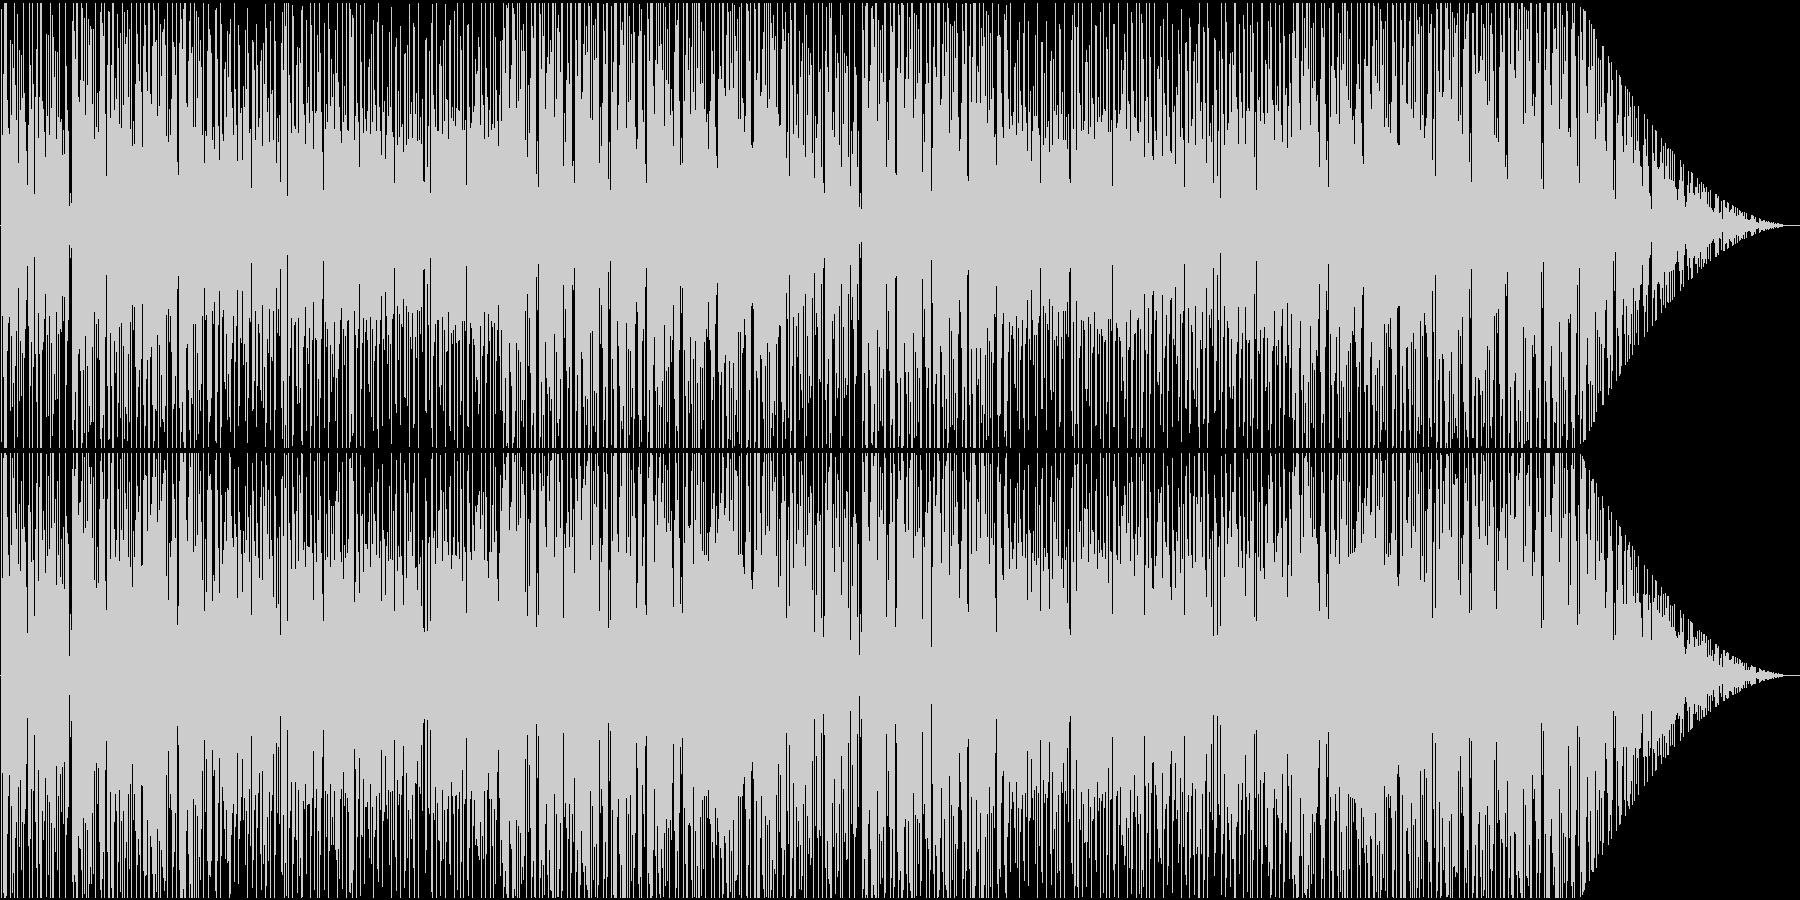 ゆったりともの悲しげなヒップホップの未再生の波形